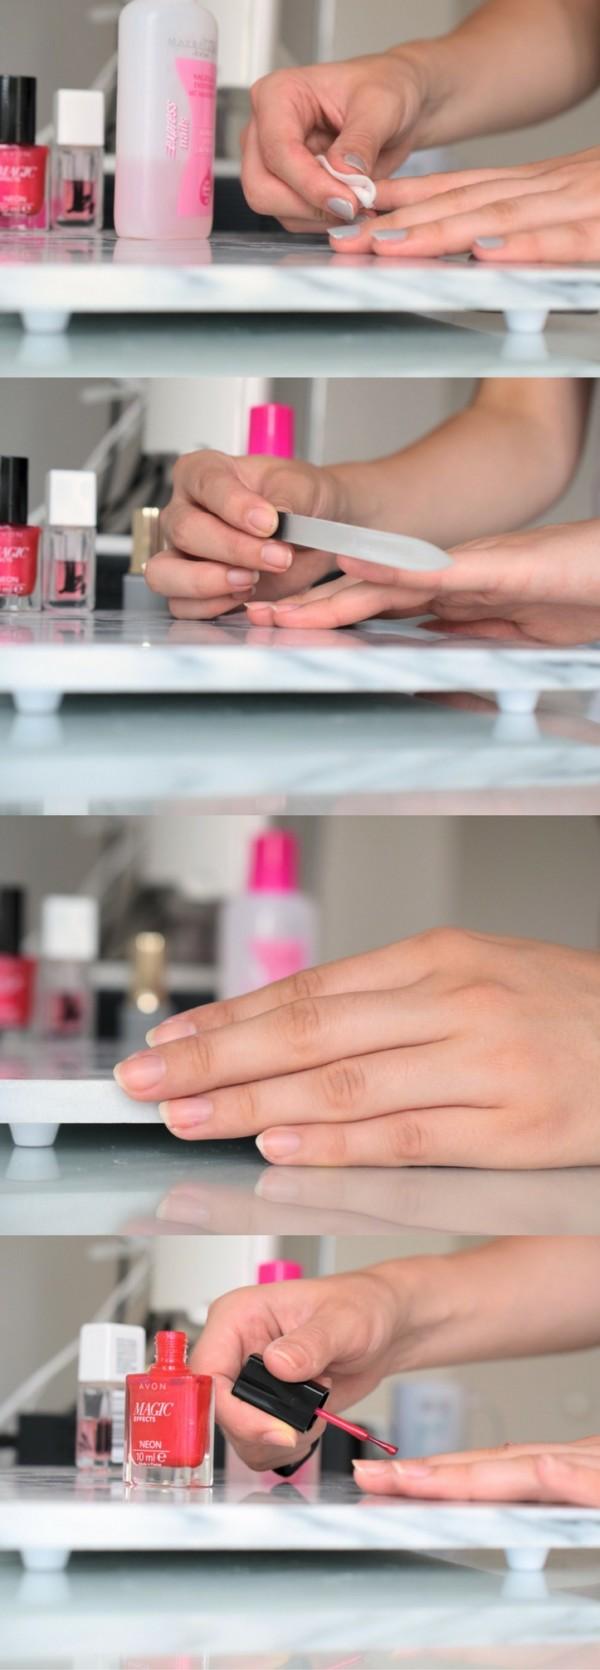 Künstlerisch Nägel Selber Machen Mit Nagellack Foto Von Naegel Manikuere Manicure At Home Diy Selbermachen